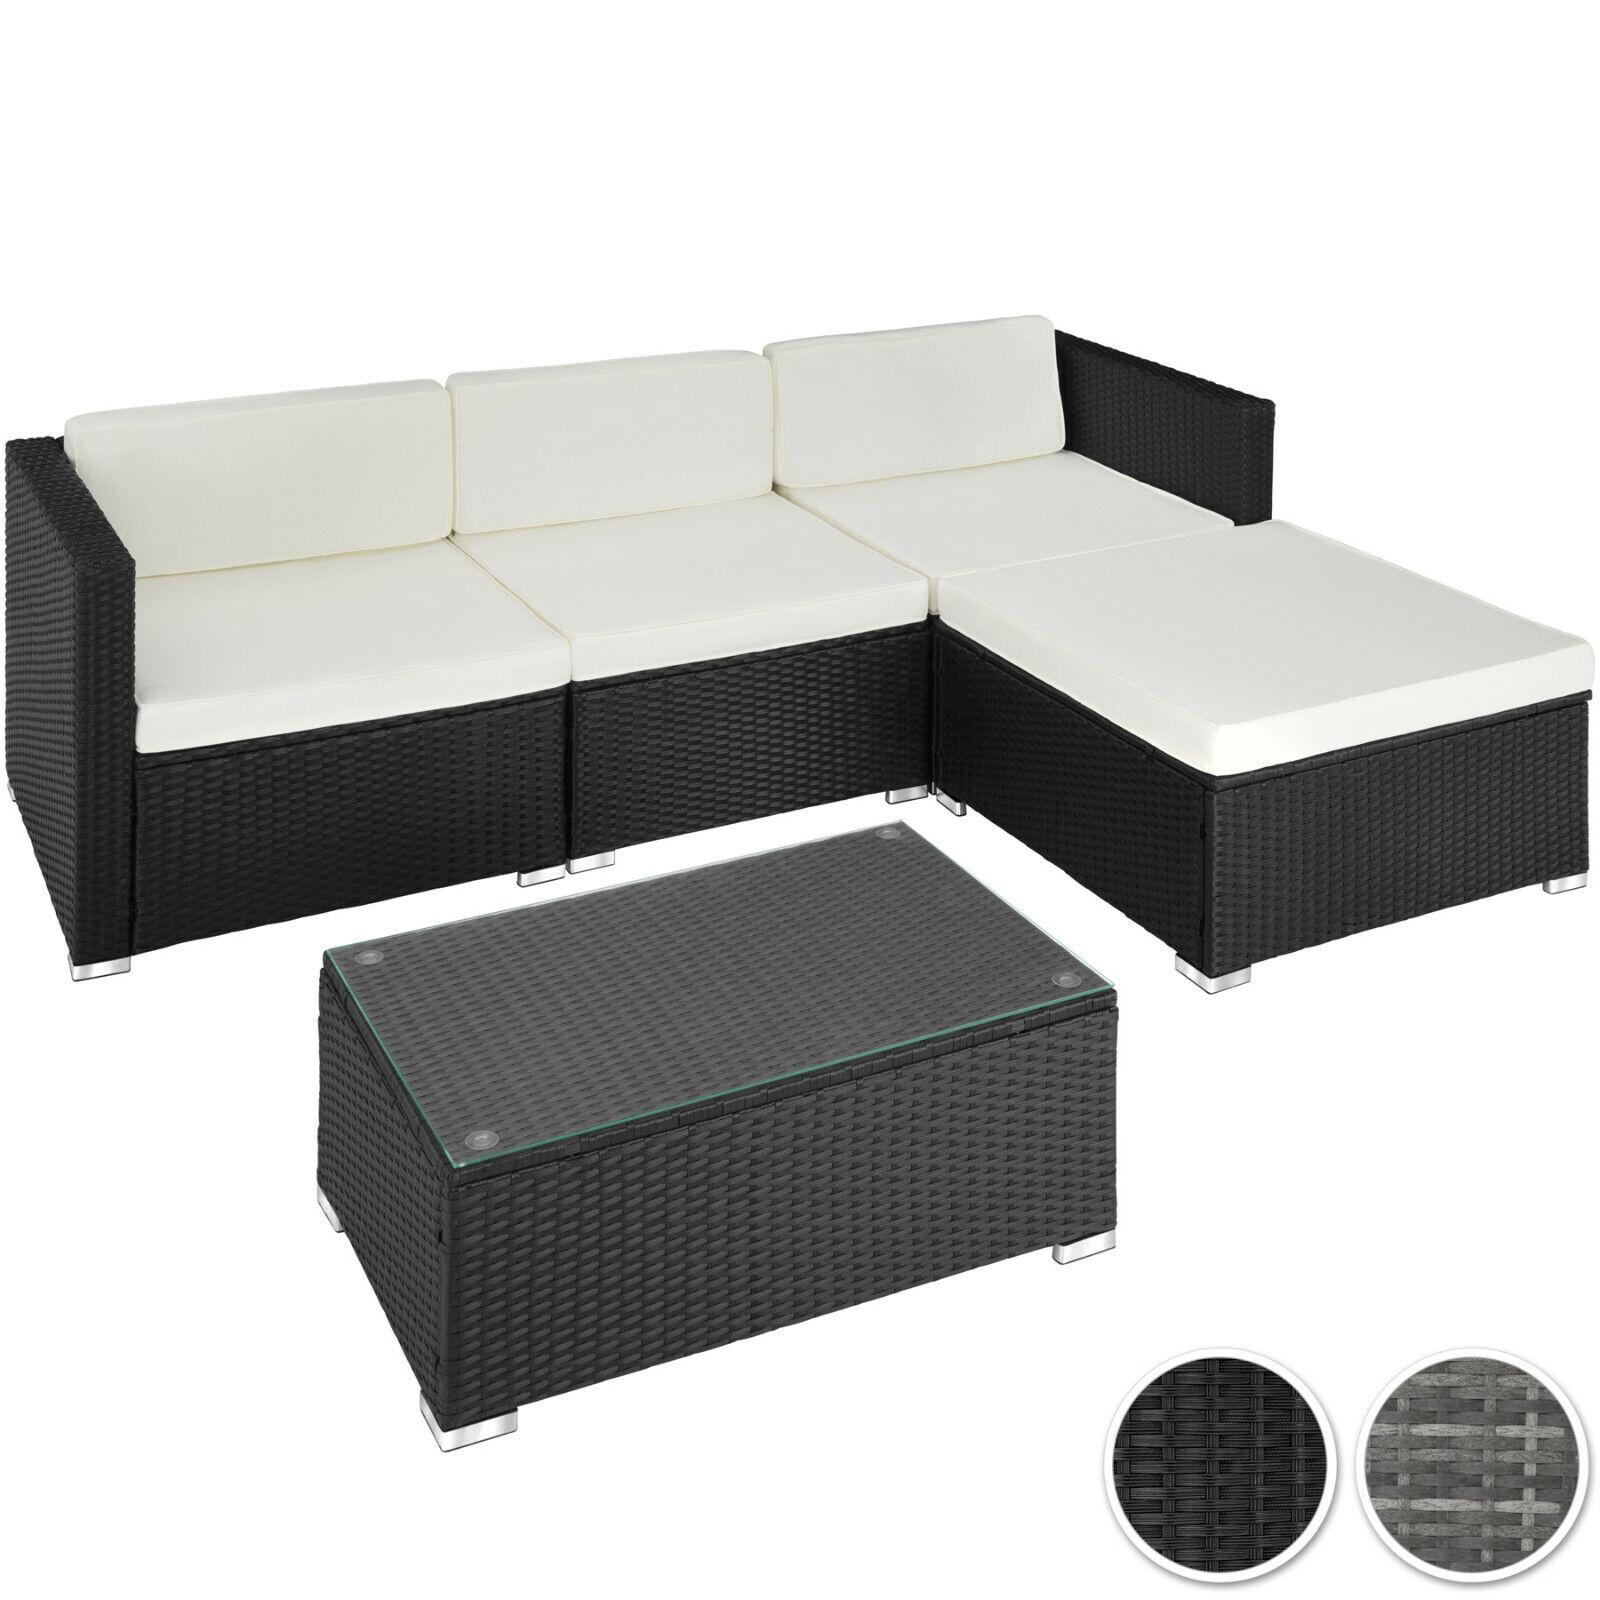 Polyrattan Gartenmöbel Sitzgruppe Rattan Garnitur Gartenset Lounge Sofa Tisch